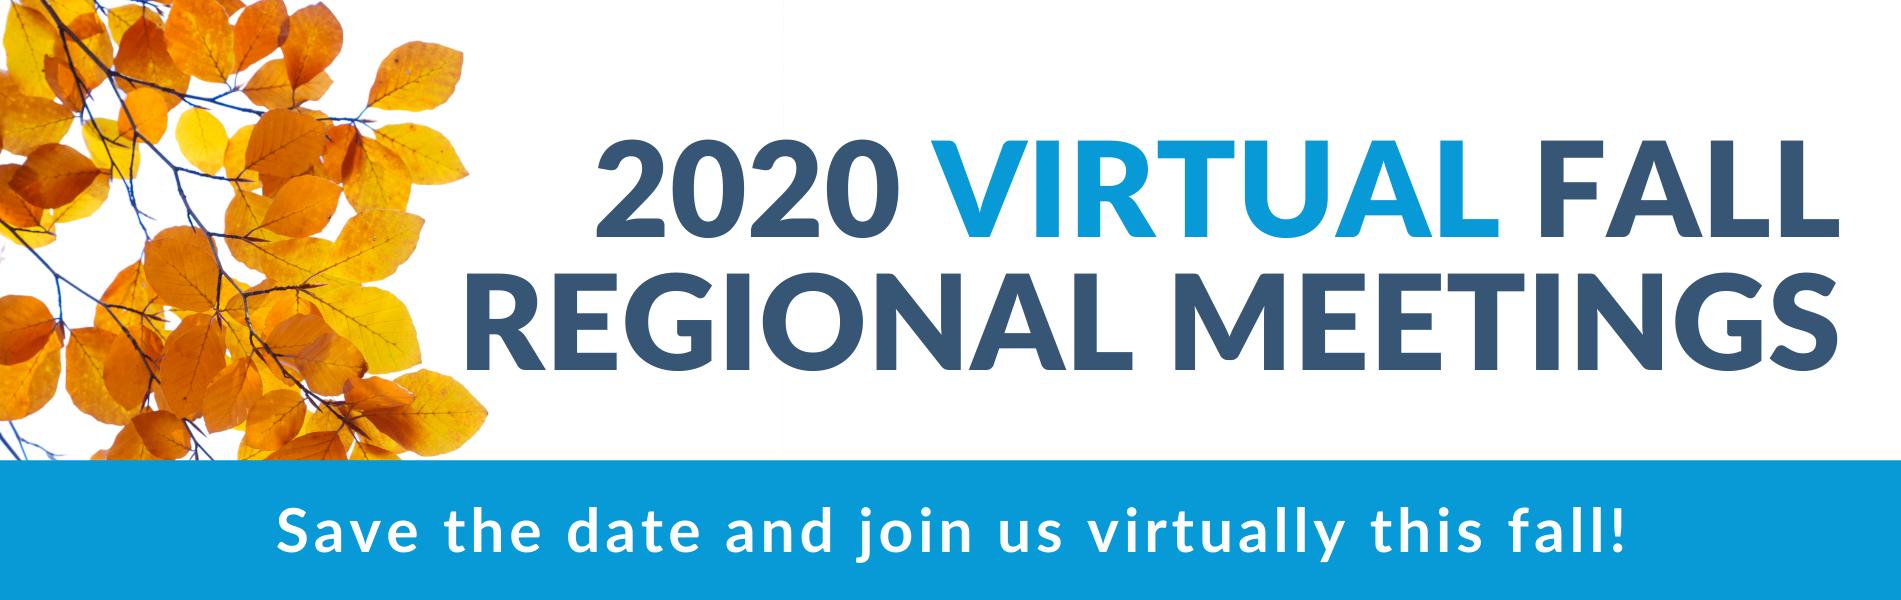 2020 fall virtual regional meetings